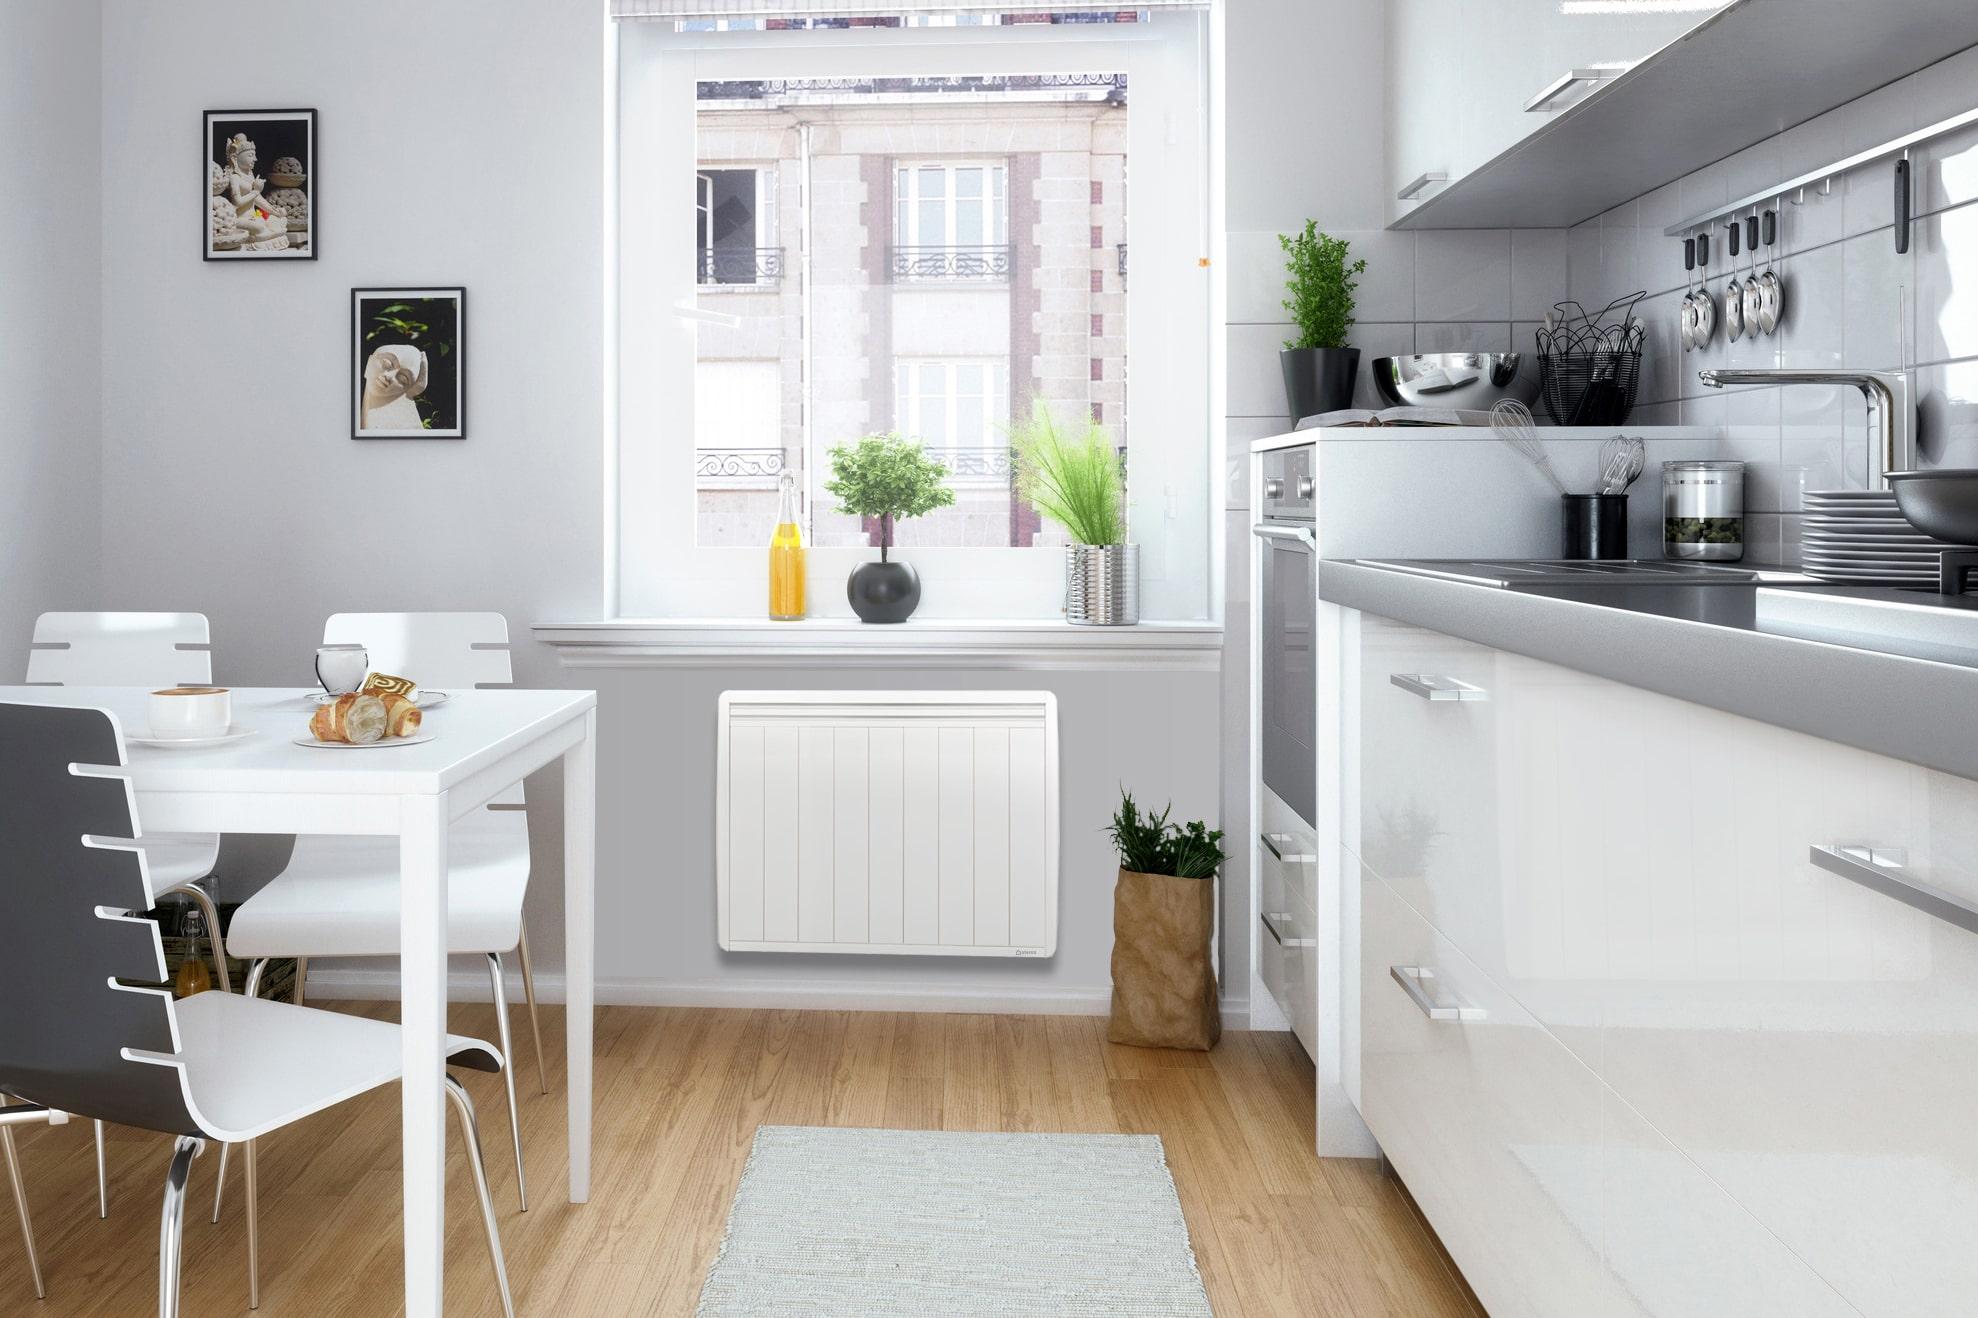 Symphonie Cuisine Hoerdt Avis comment chauffer une cuisine ouverte ?